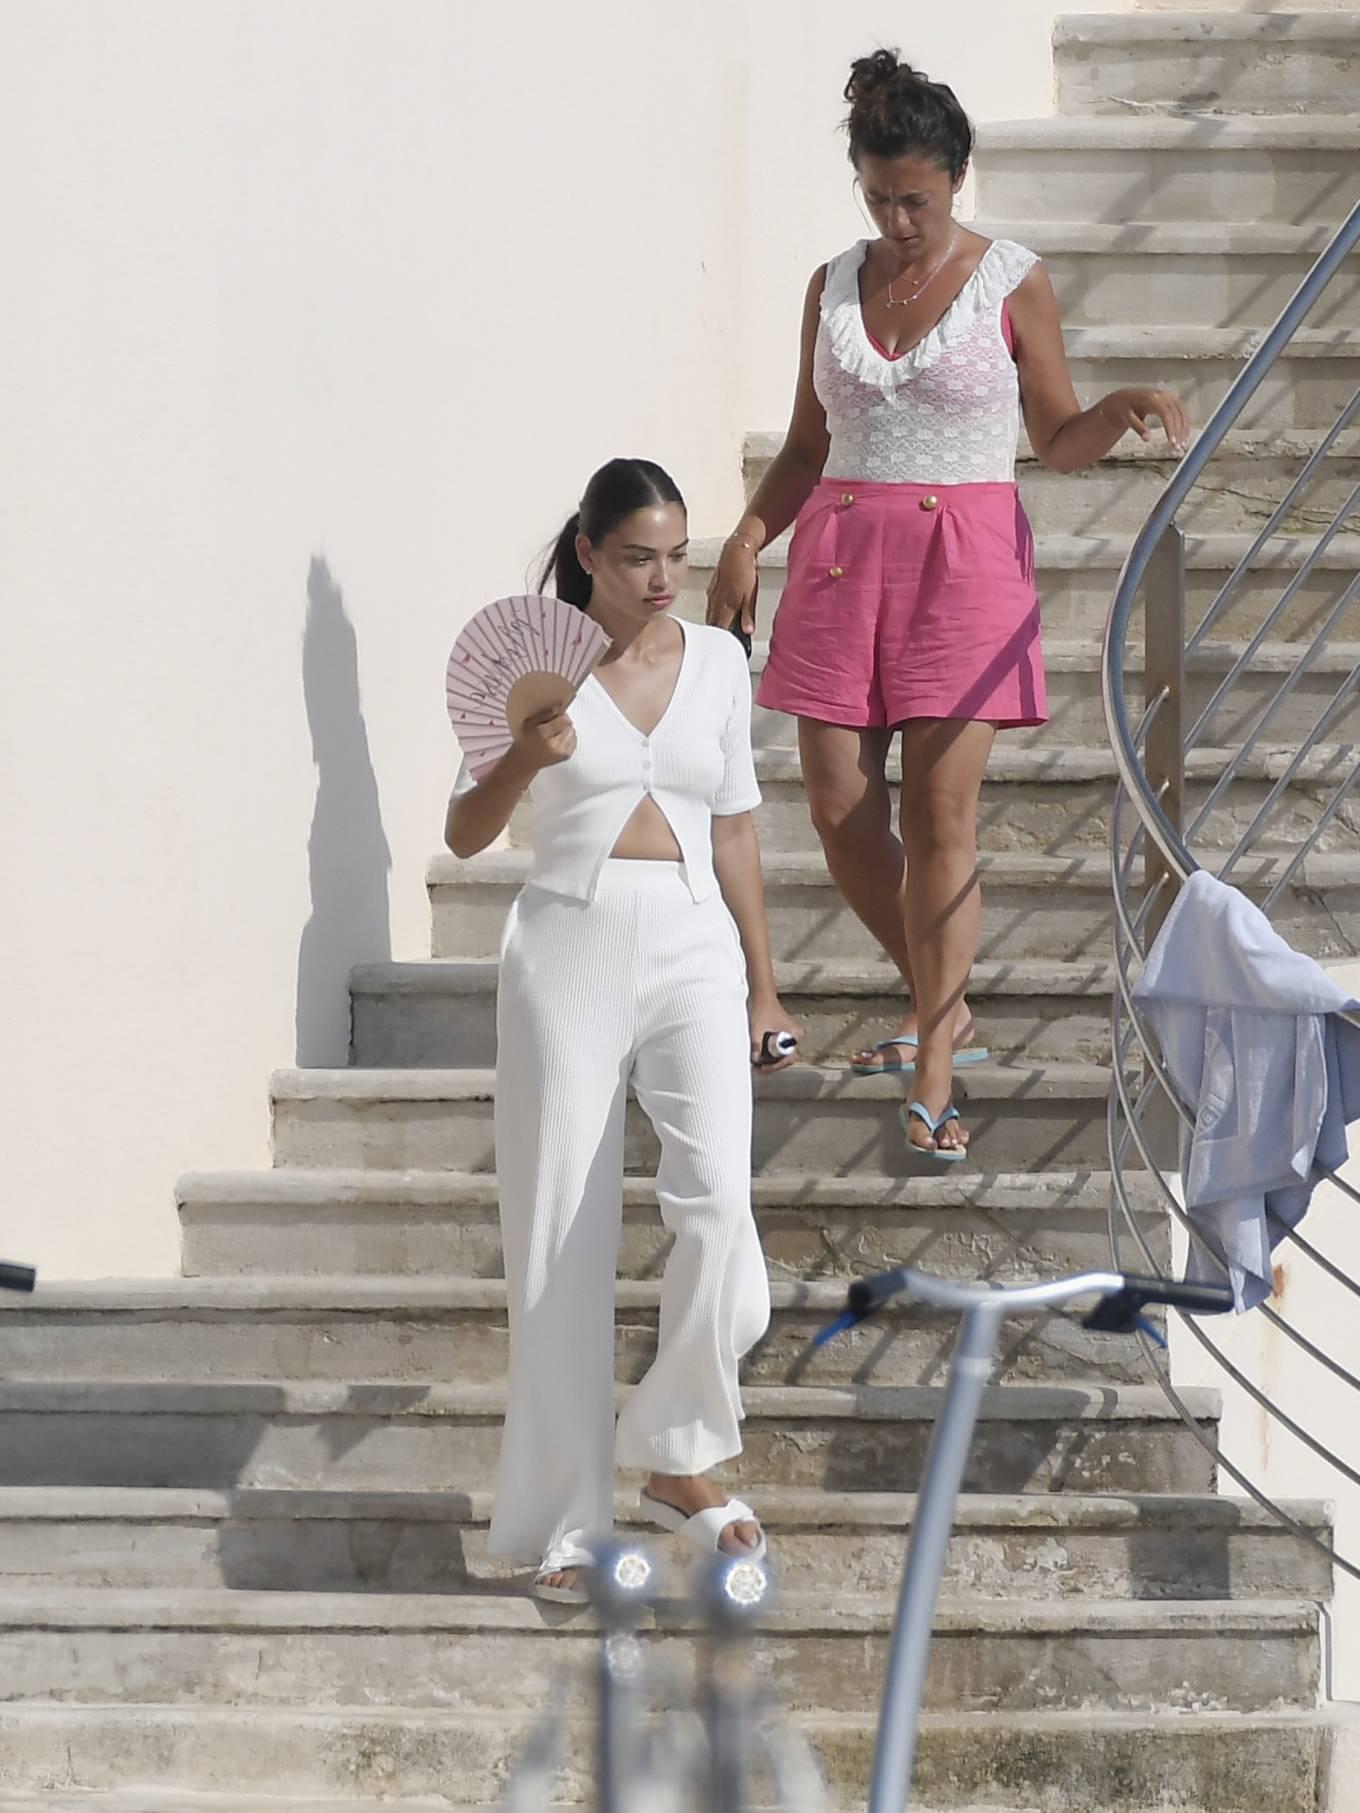 Shanina Shaik 2020 : Shanina Shaik – Seen at the Hotel Du Cap Eden Roc in France-04